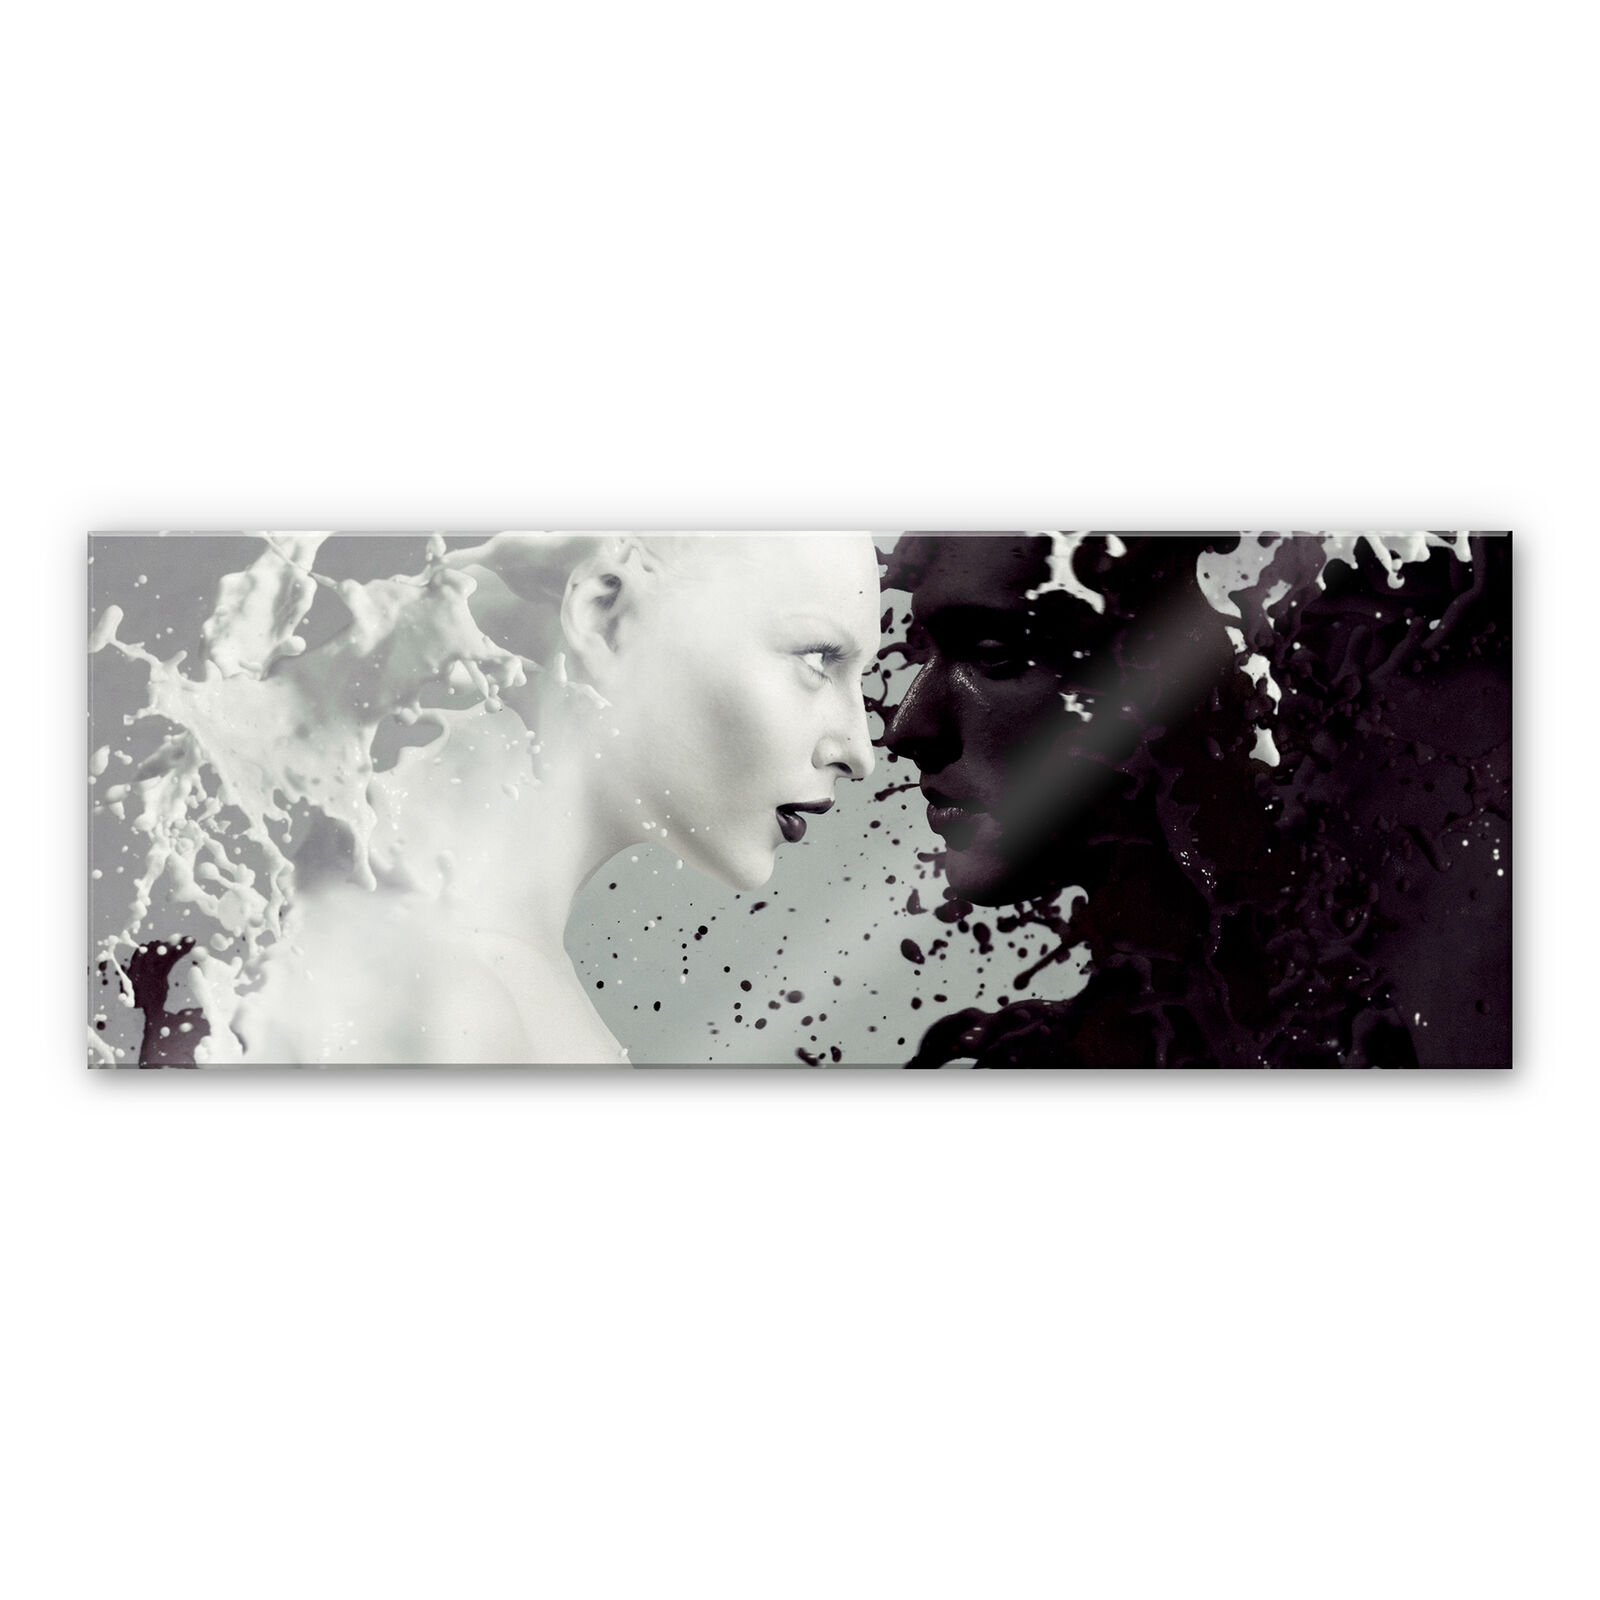 Vetro acrilico immagine MILK & COFFEE-PANORAMA NERO BIANCO BIANCO BIANCO MURO immagine immagine Decorazione 3d e70bf6